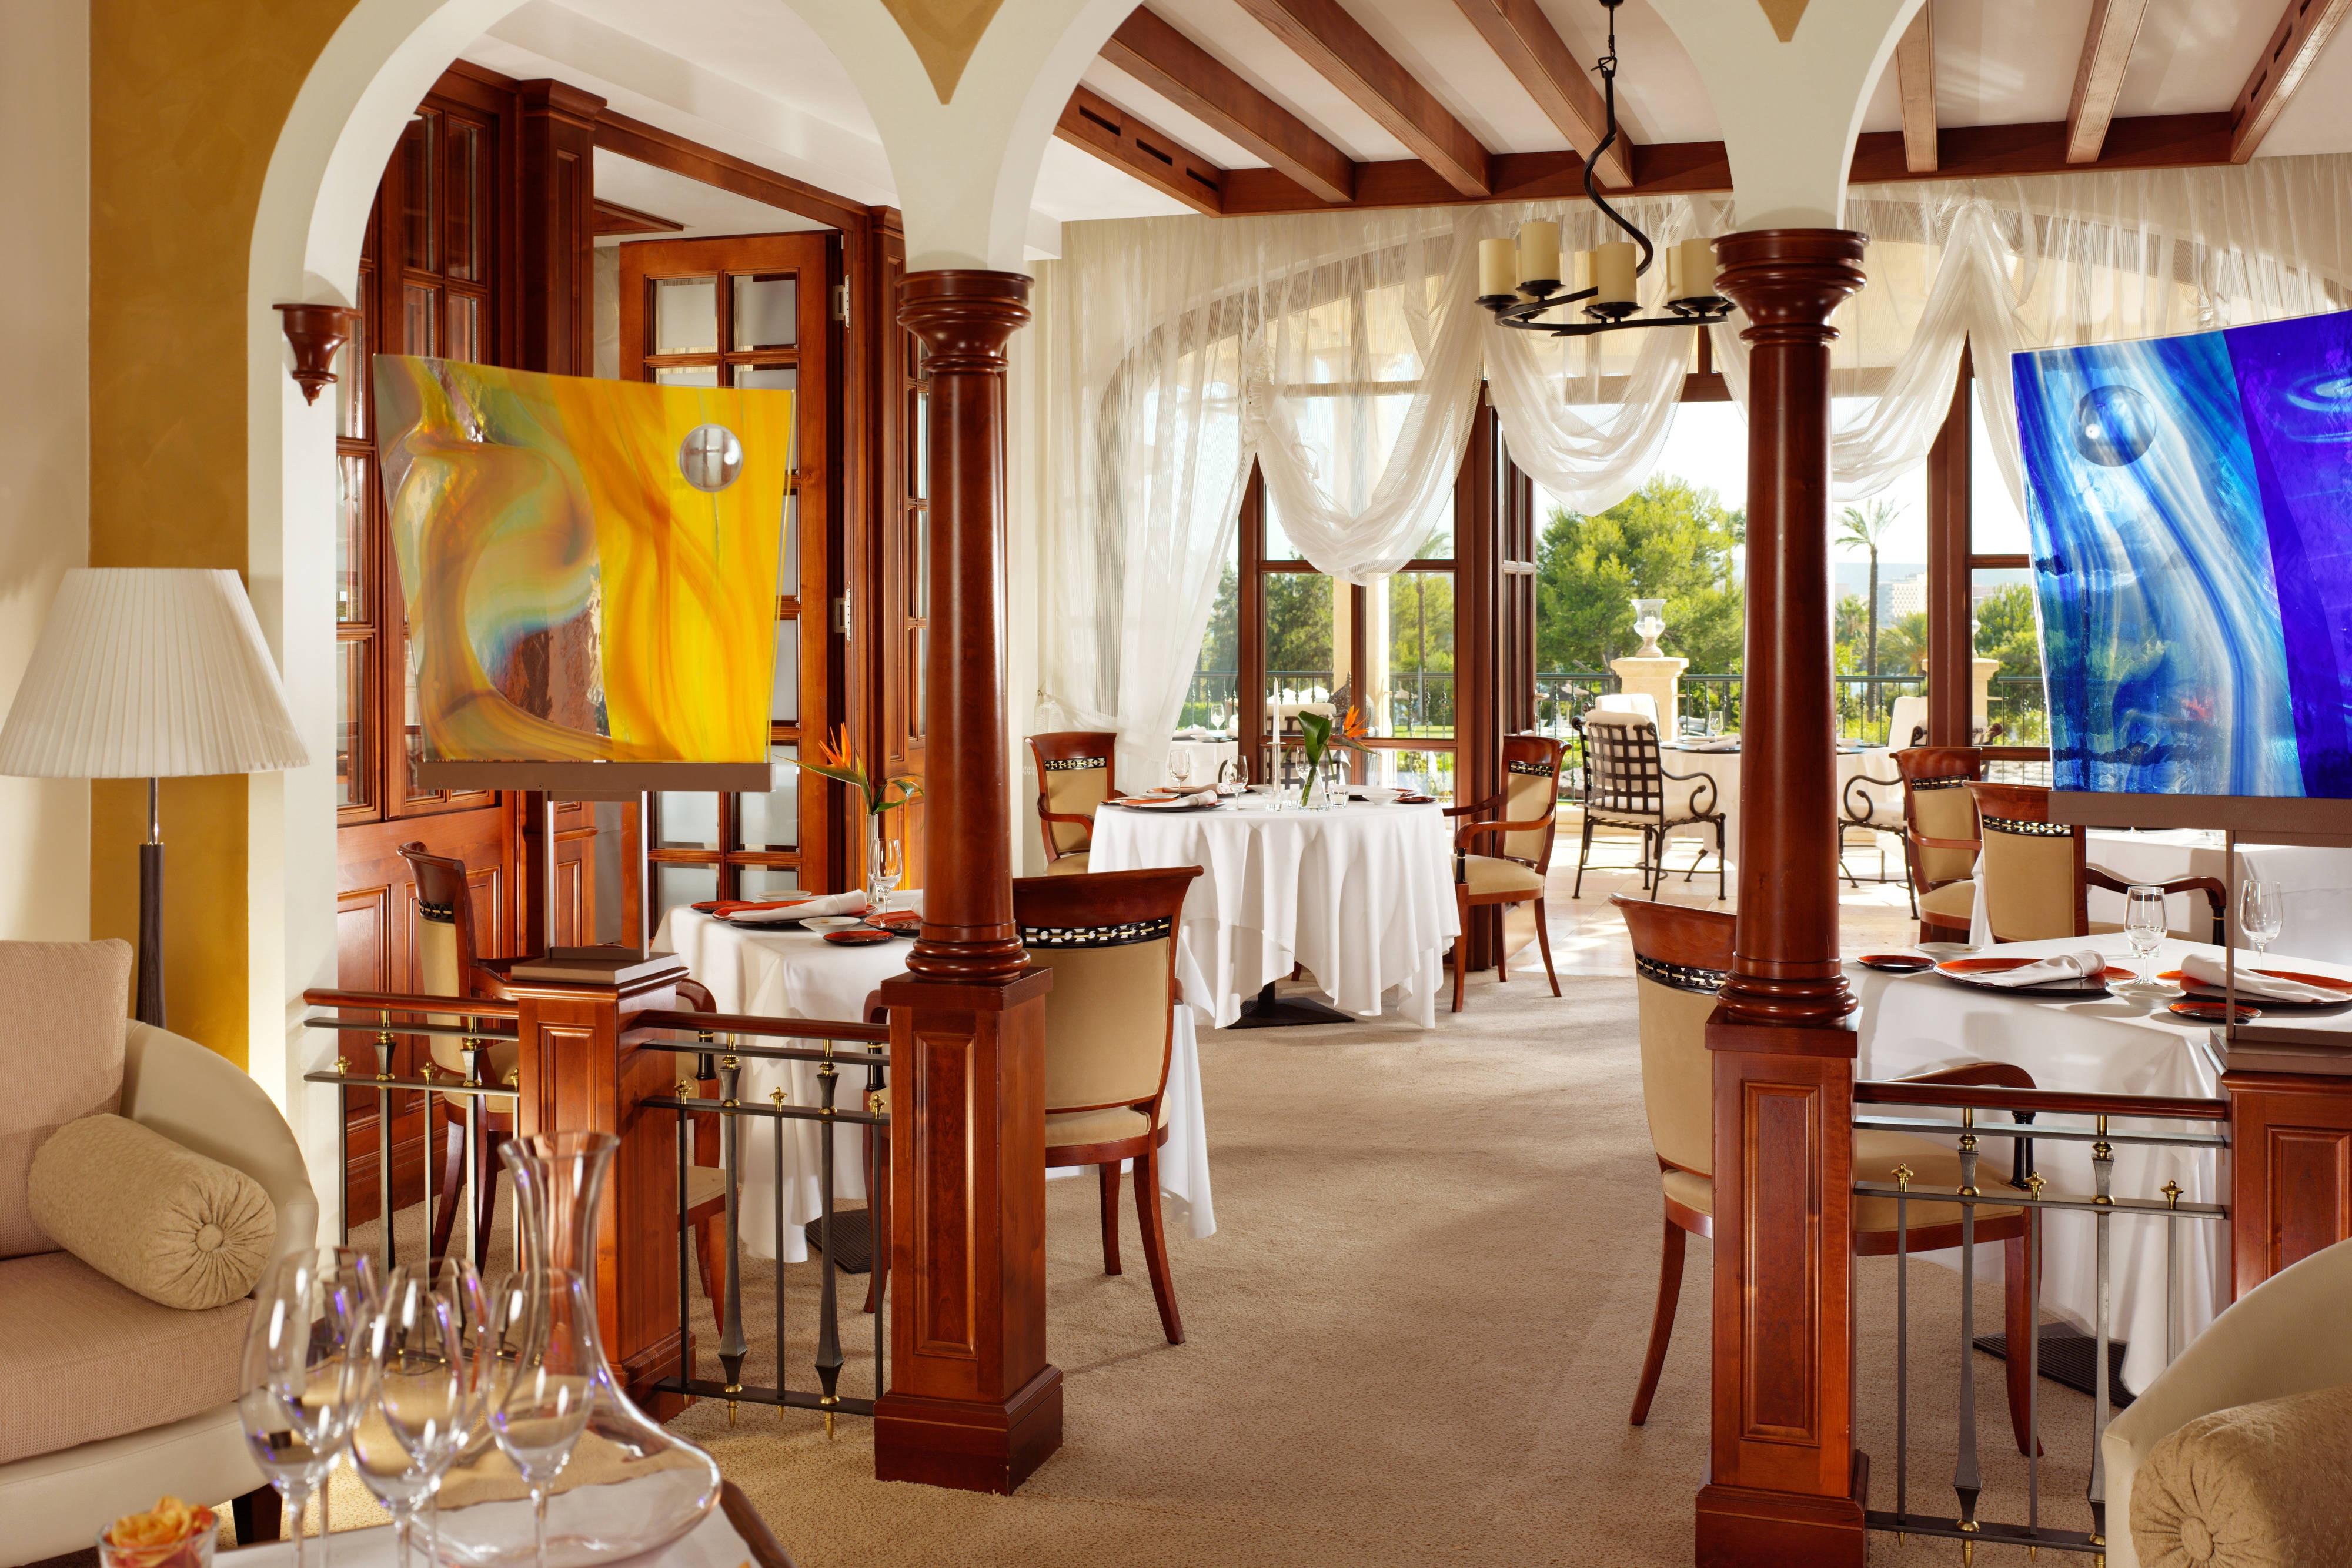 Restaurant Es Fum - Interior